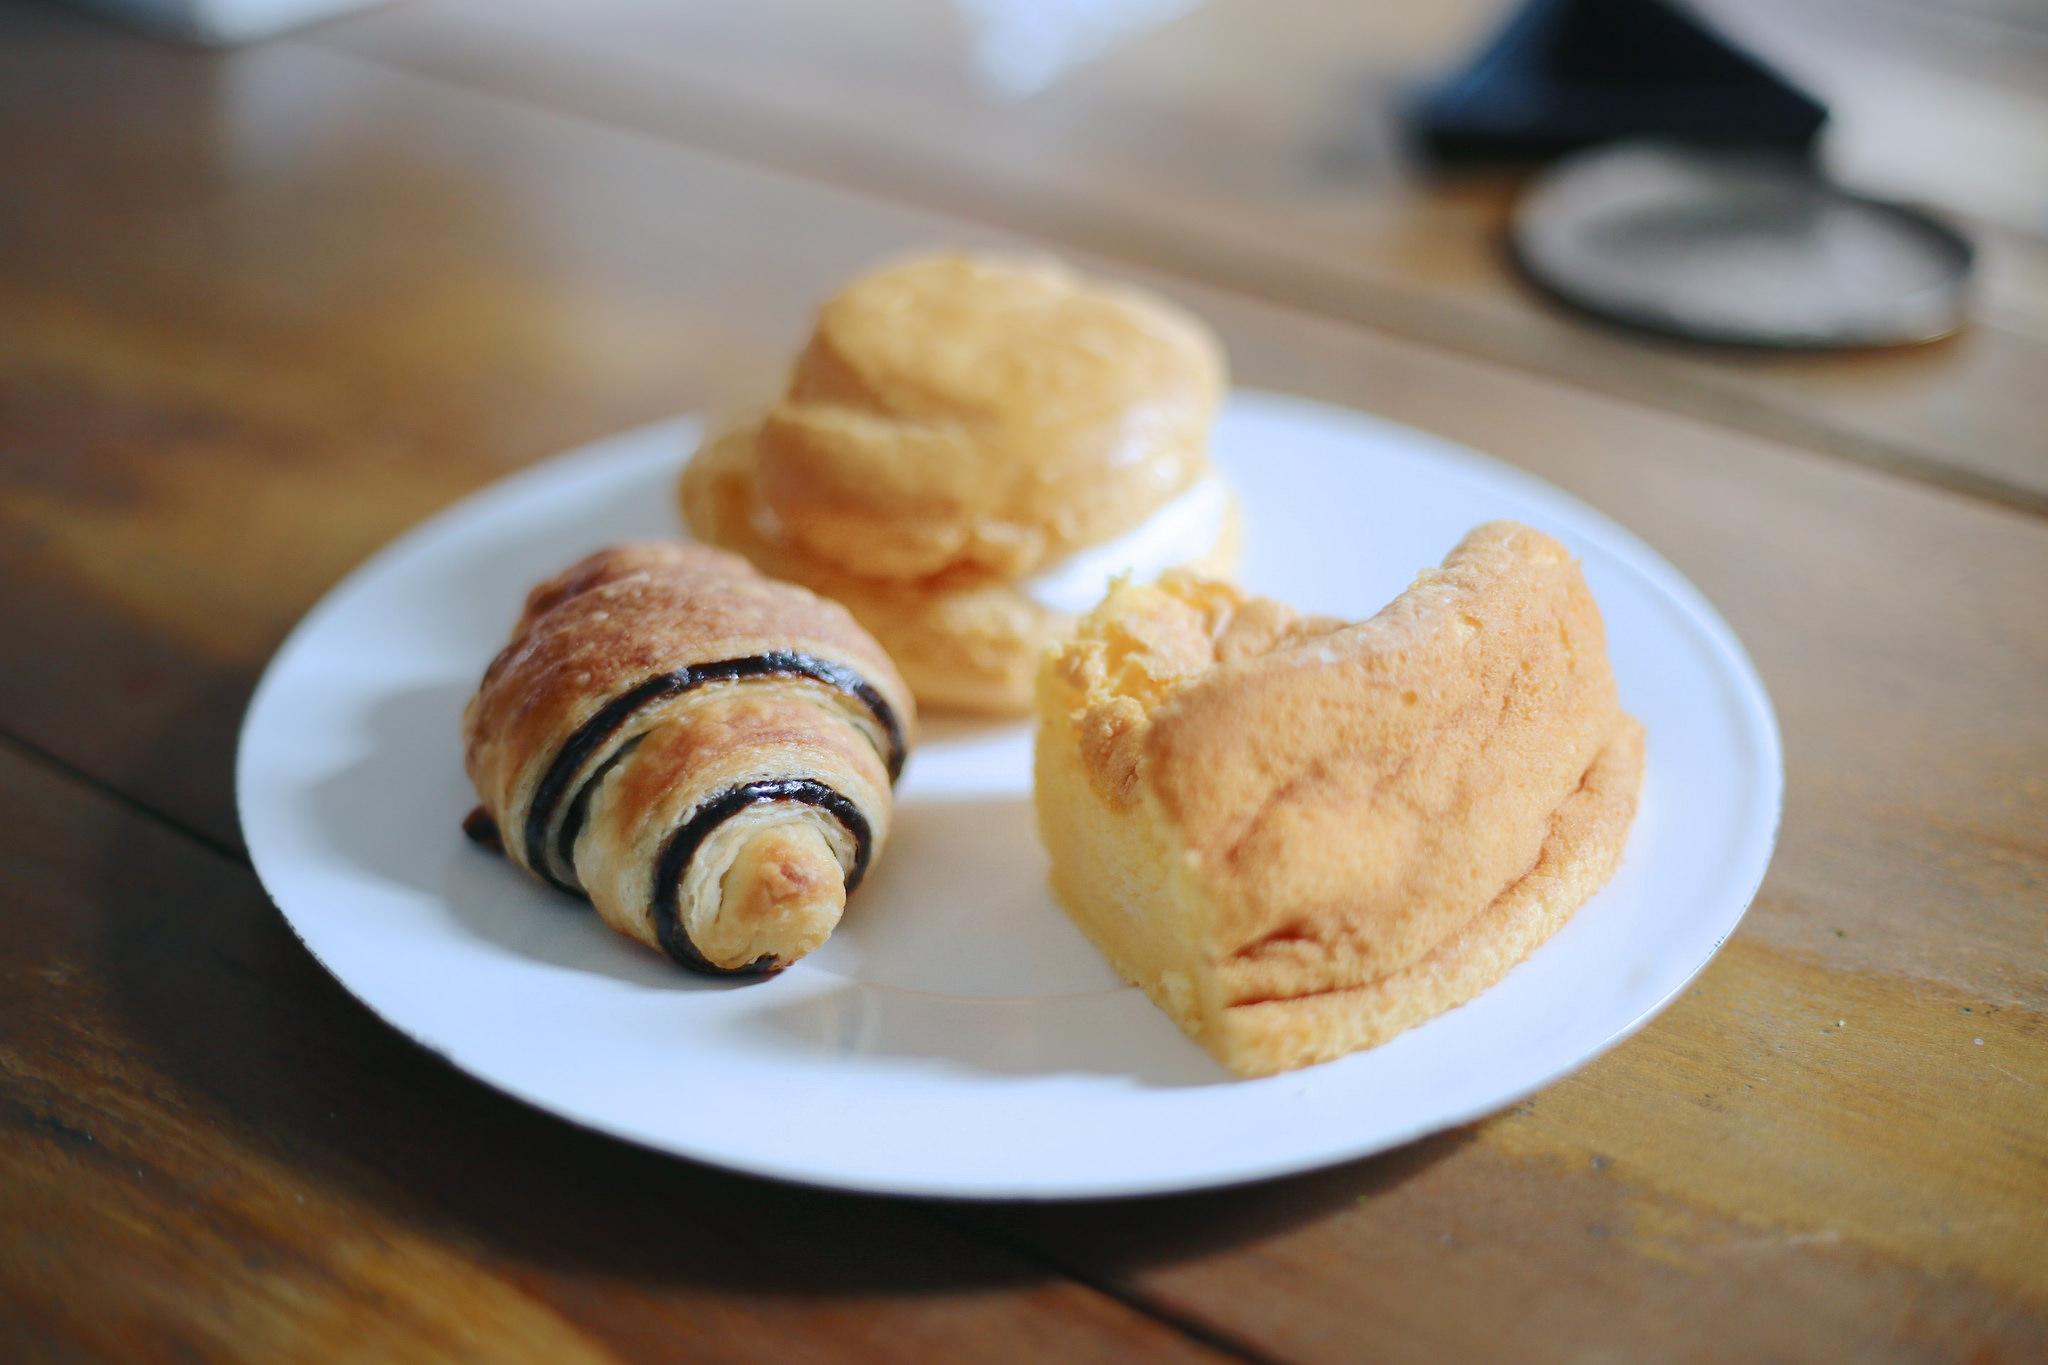 今ではすっかりメジャーになった米粉パン。 夢の里工房のクロワッサン&米パンは江刺産の特別栽培米(安心安全に配慮して栽培されたお米)を使用した手作りのパンです。 外見からはイメージできないもちもちっとしたクロワッサンは、ありそうでなかった絶妙な食感を味わえます。